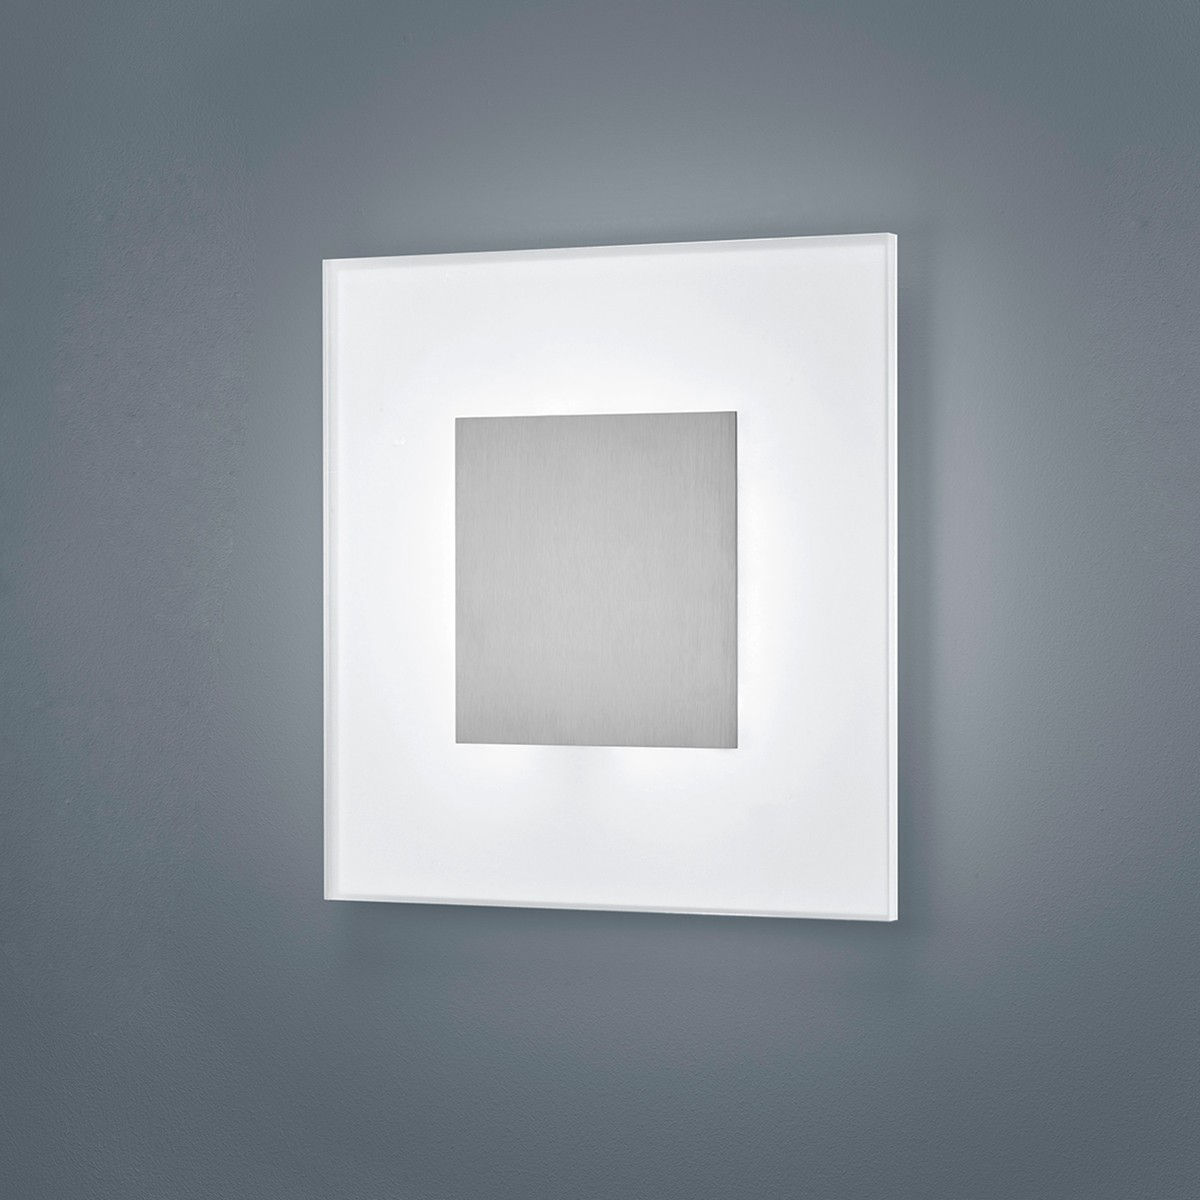 Helestra Vada Wand- / Deckenleuchte, 27 x 27 cm, Nickel matt - Acrylglas teilsatiniert